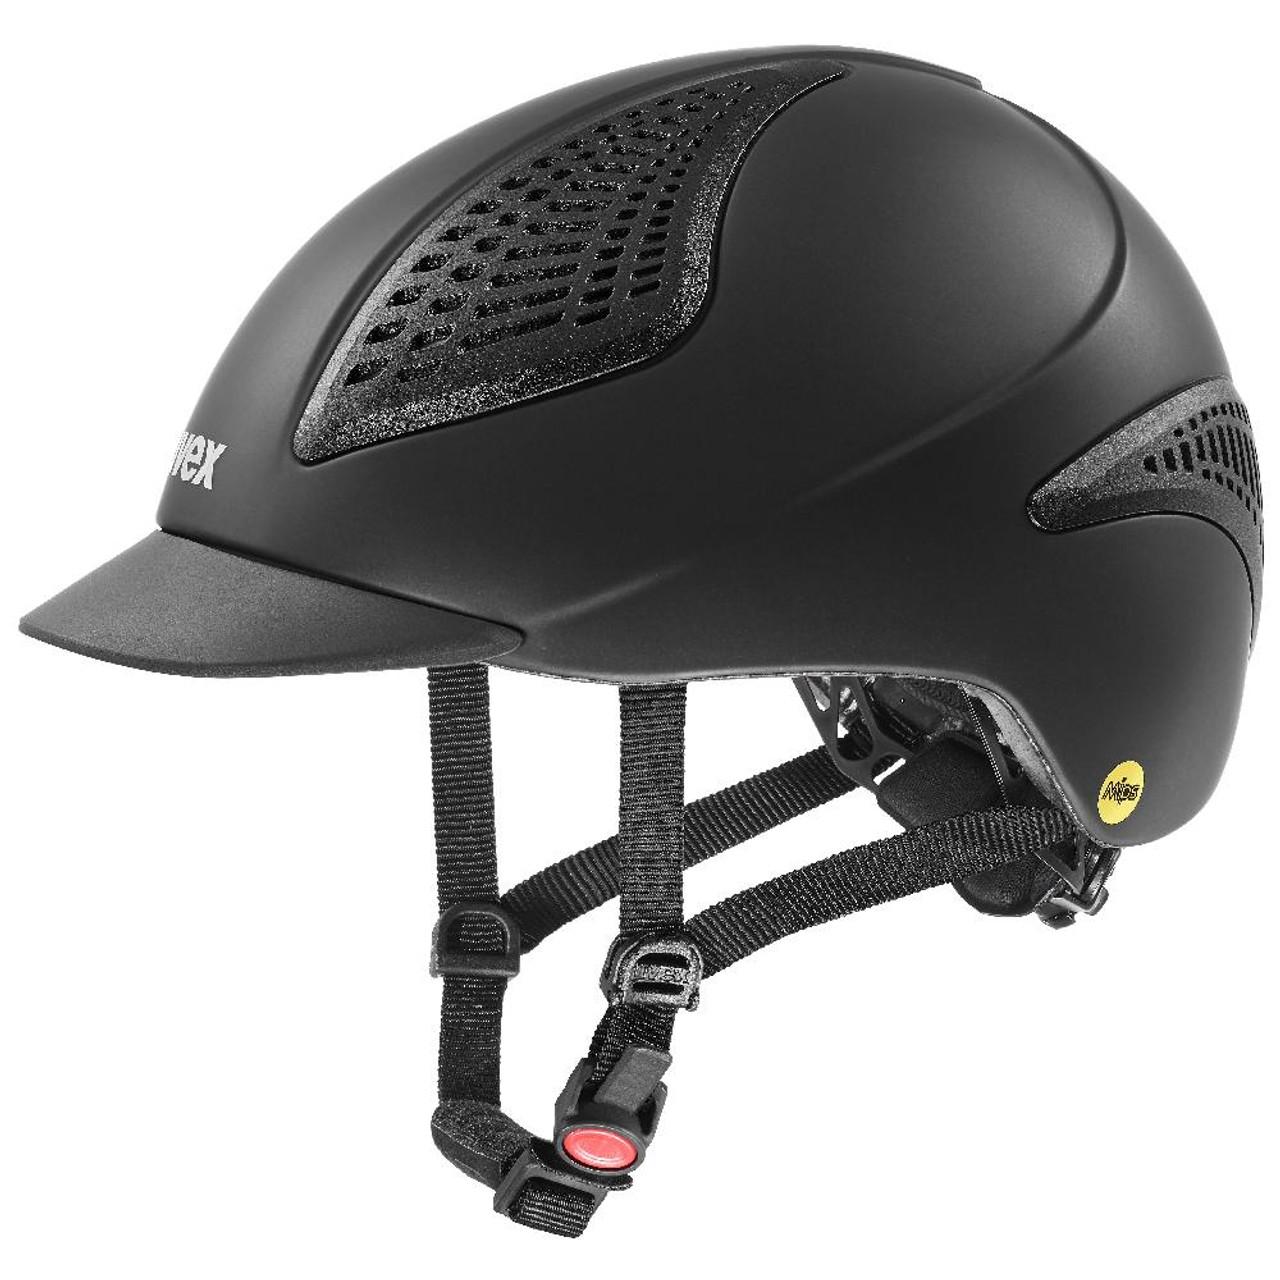 Uvex Exxential Ii Mips Helmet Riding Helmets